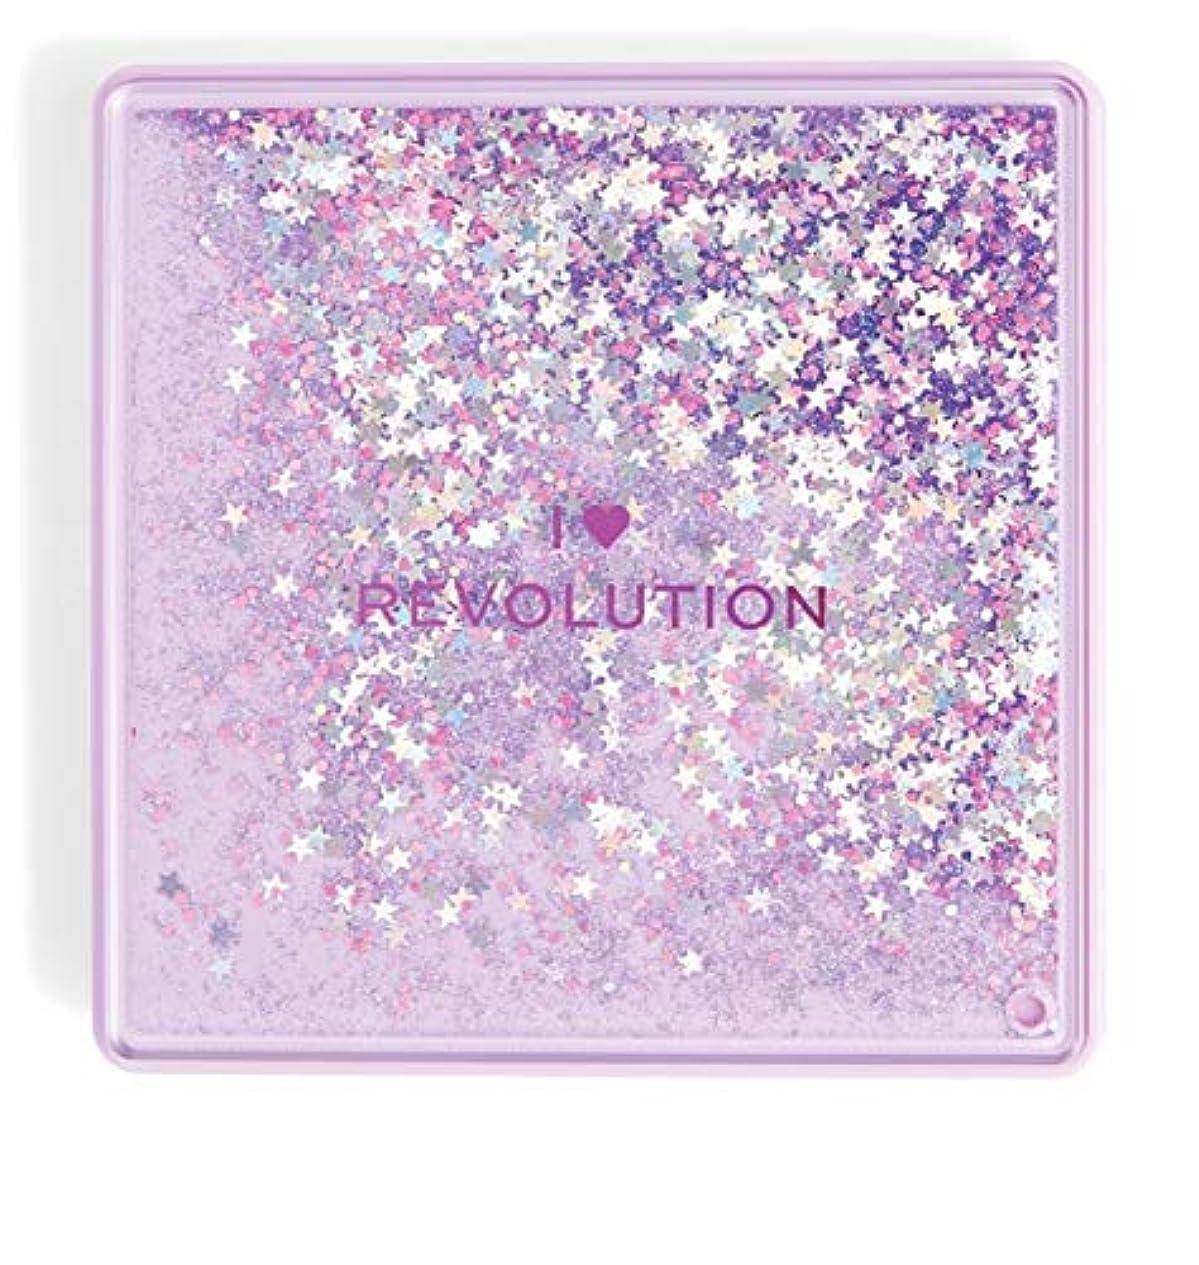 週間ささいなヘルシーメイクアップレボリューション 9色アイシャドウパレット Glitter Palette #FORTUNE SEEKER